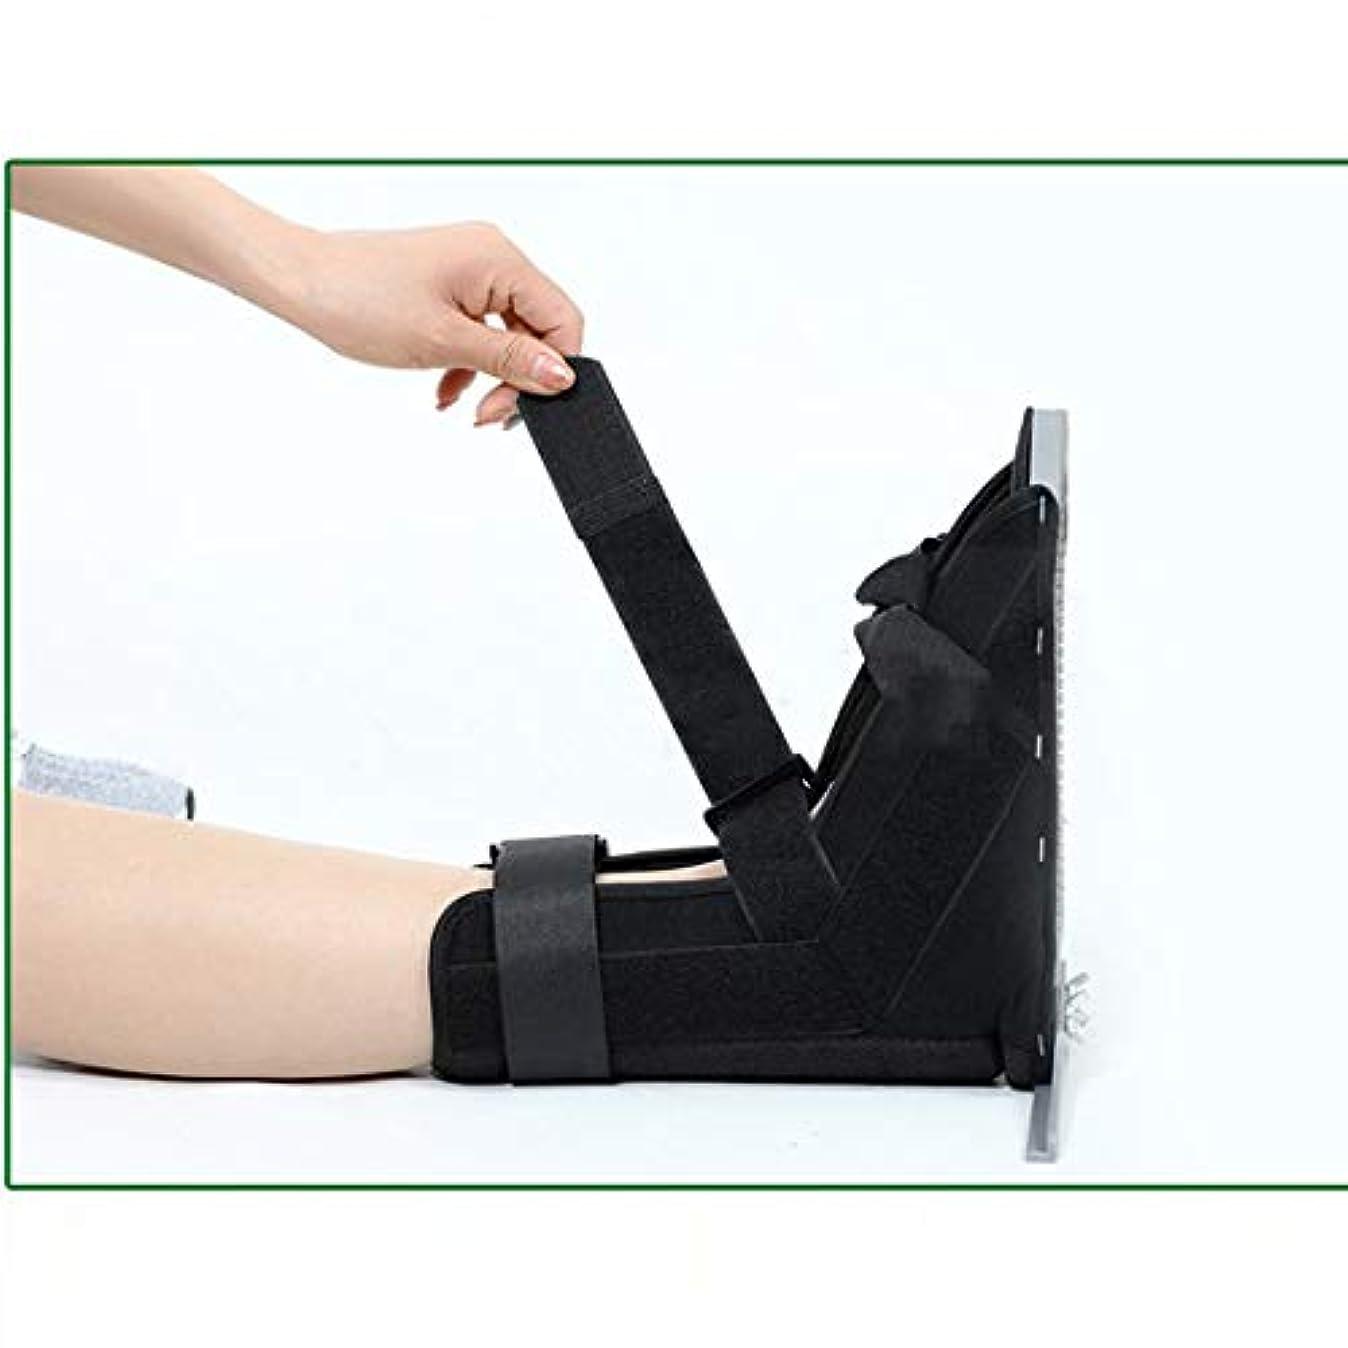 同級生勇気のあるチェリー医療足骨折石膏の回復靴の手術後のつま先の靴を安定化骨折の靴を調整可能なファスナーで完全なカバー,L